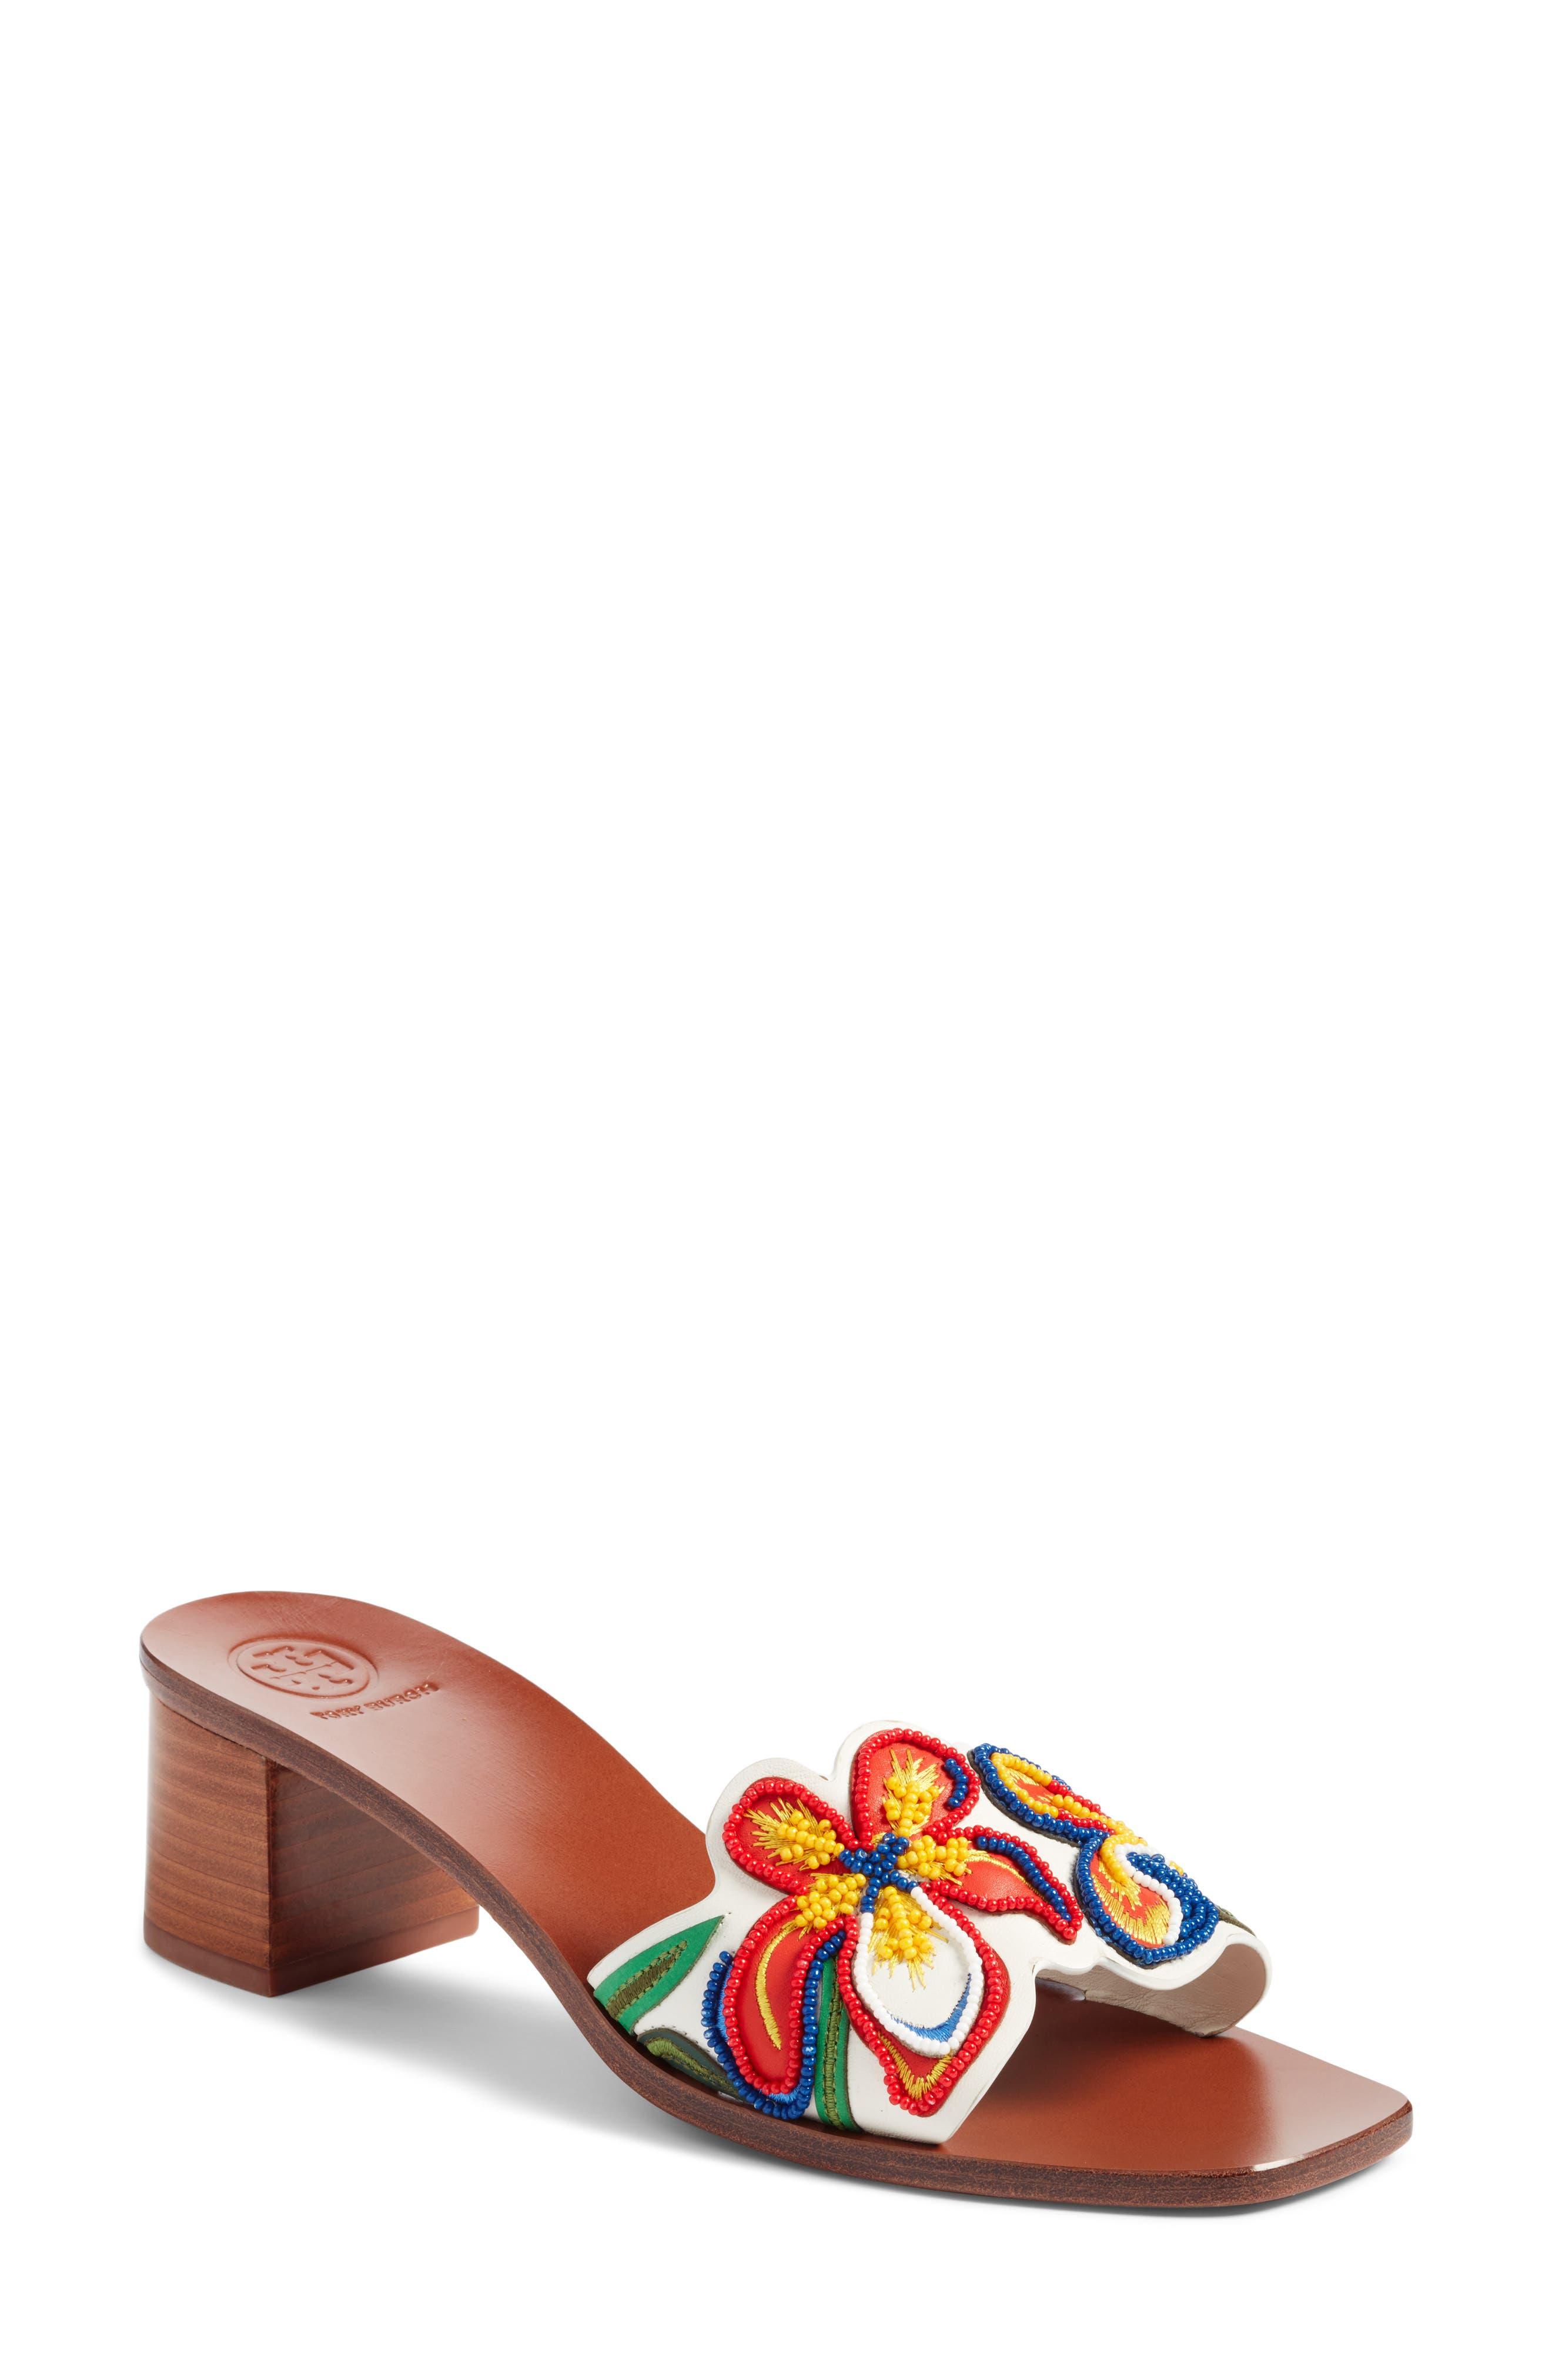 Bianca Floral Embellished Slide Sandal,                             Main thumbnail 1, color,                             900